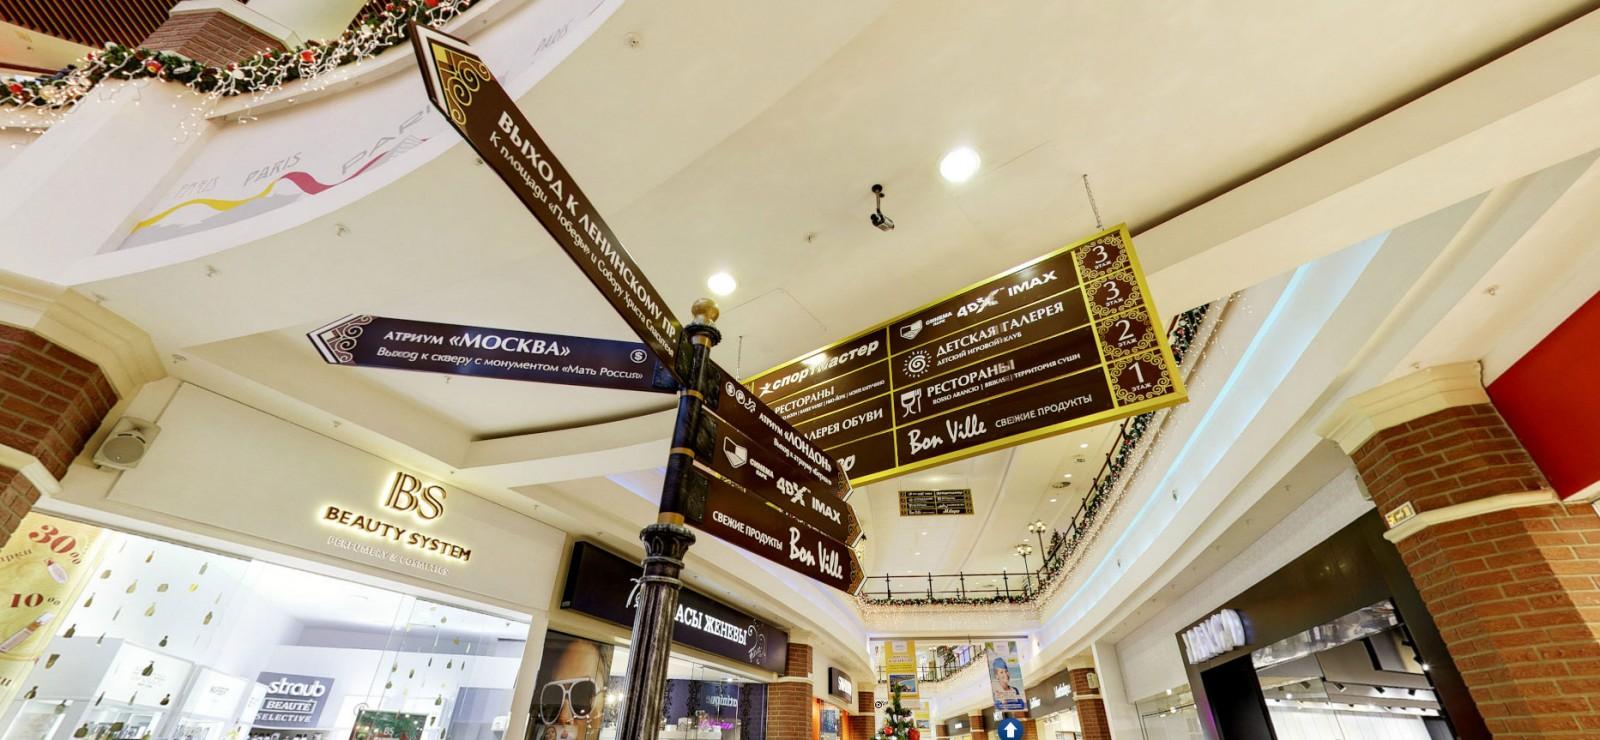 Дизайн системы навигации торговых центров и магазинов